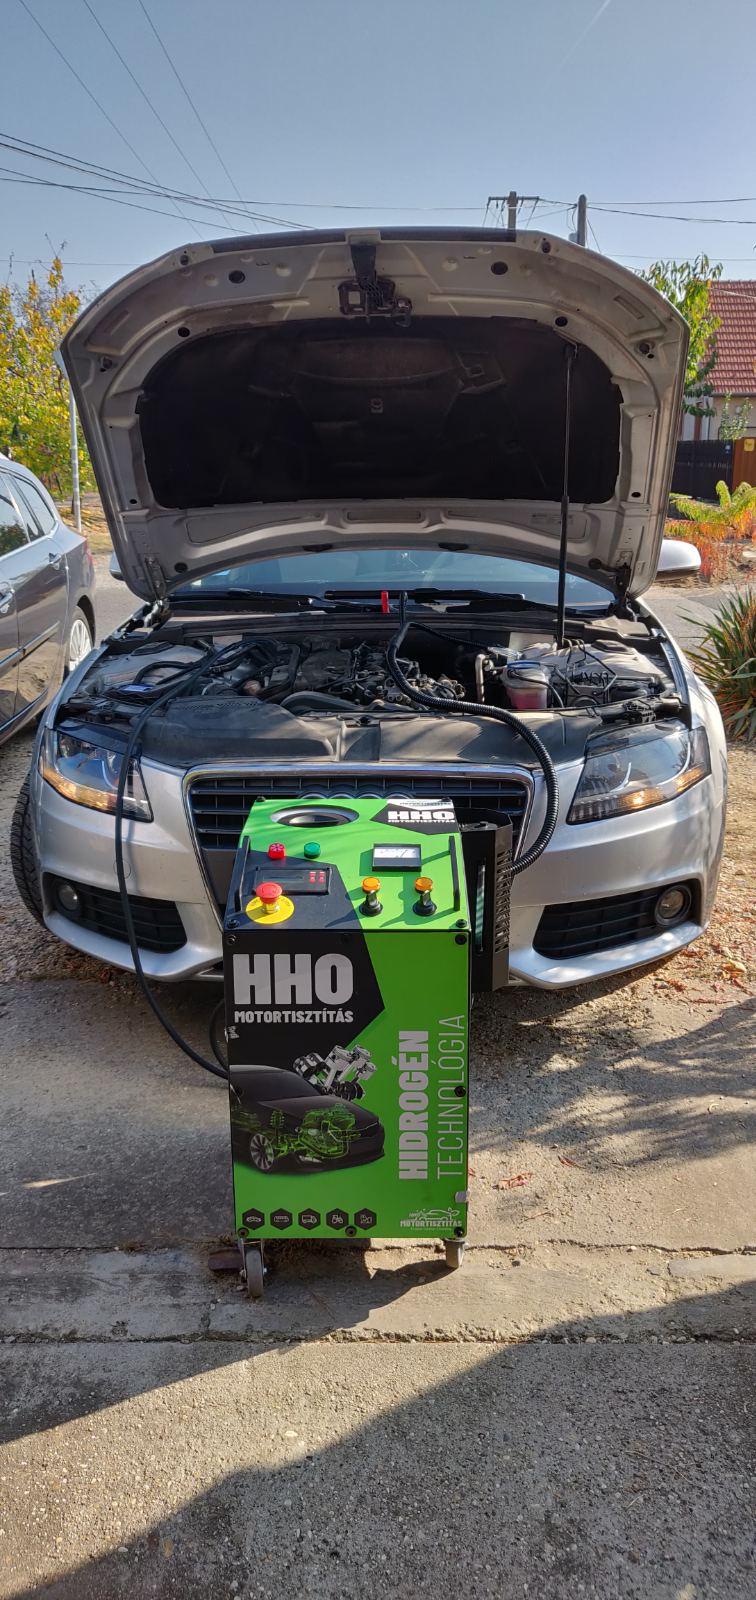 HHO Motortisztítás Audi A4 B8 2.0 Crtdi 170 Lóerő Cegléd